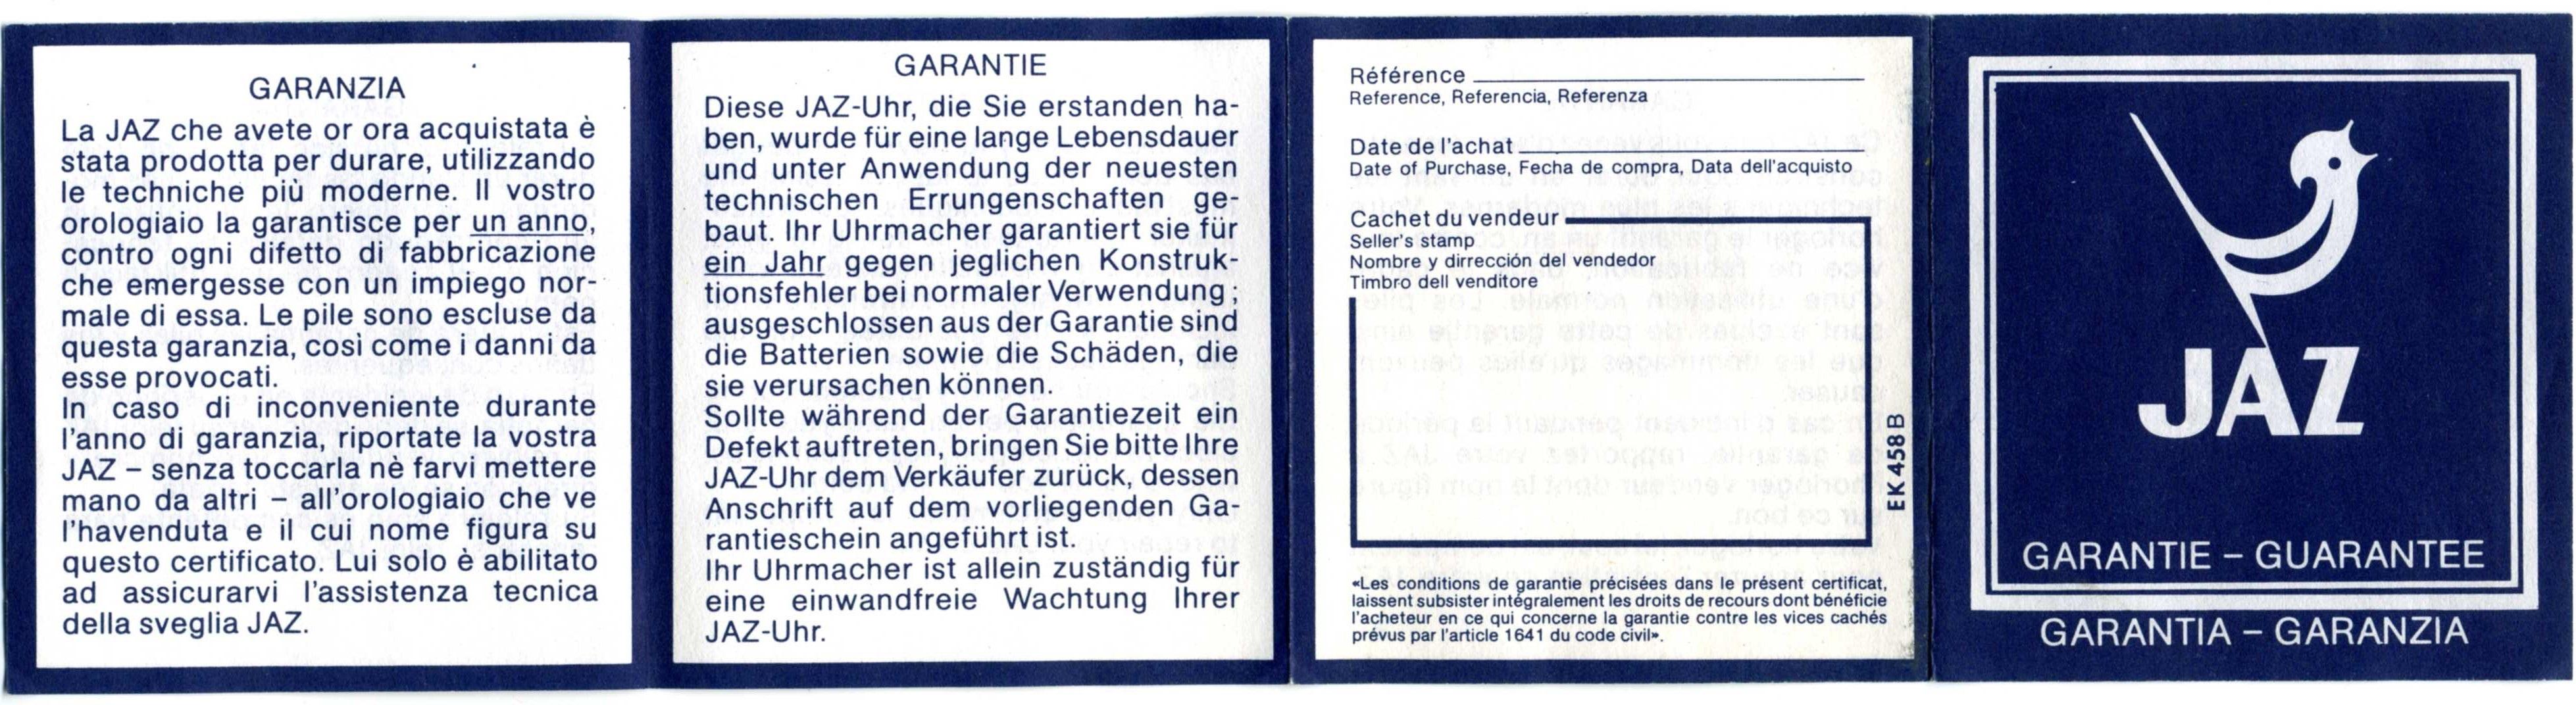 garantie_fusic1[1]